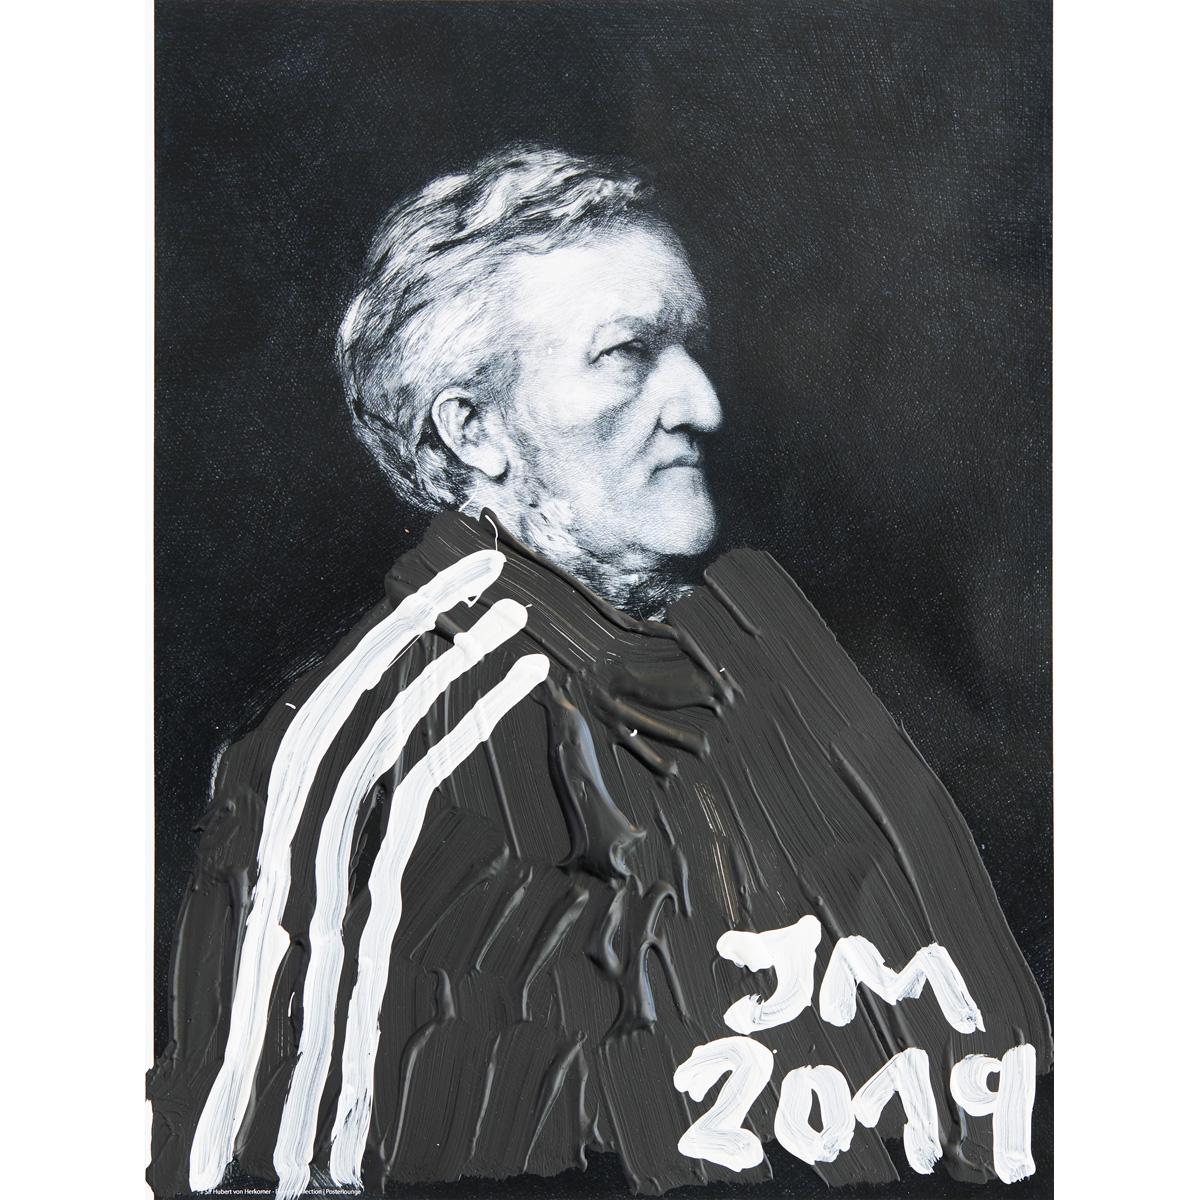 JONATHAN MEESE_ ÜBER-RICHARDDADDY JACKE DE LARGE (2019)